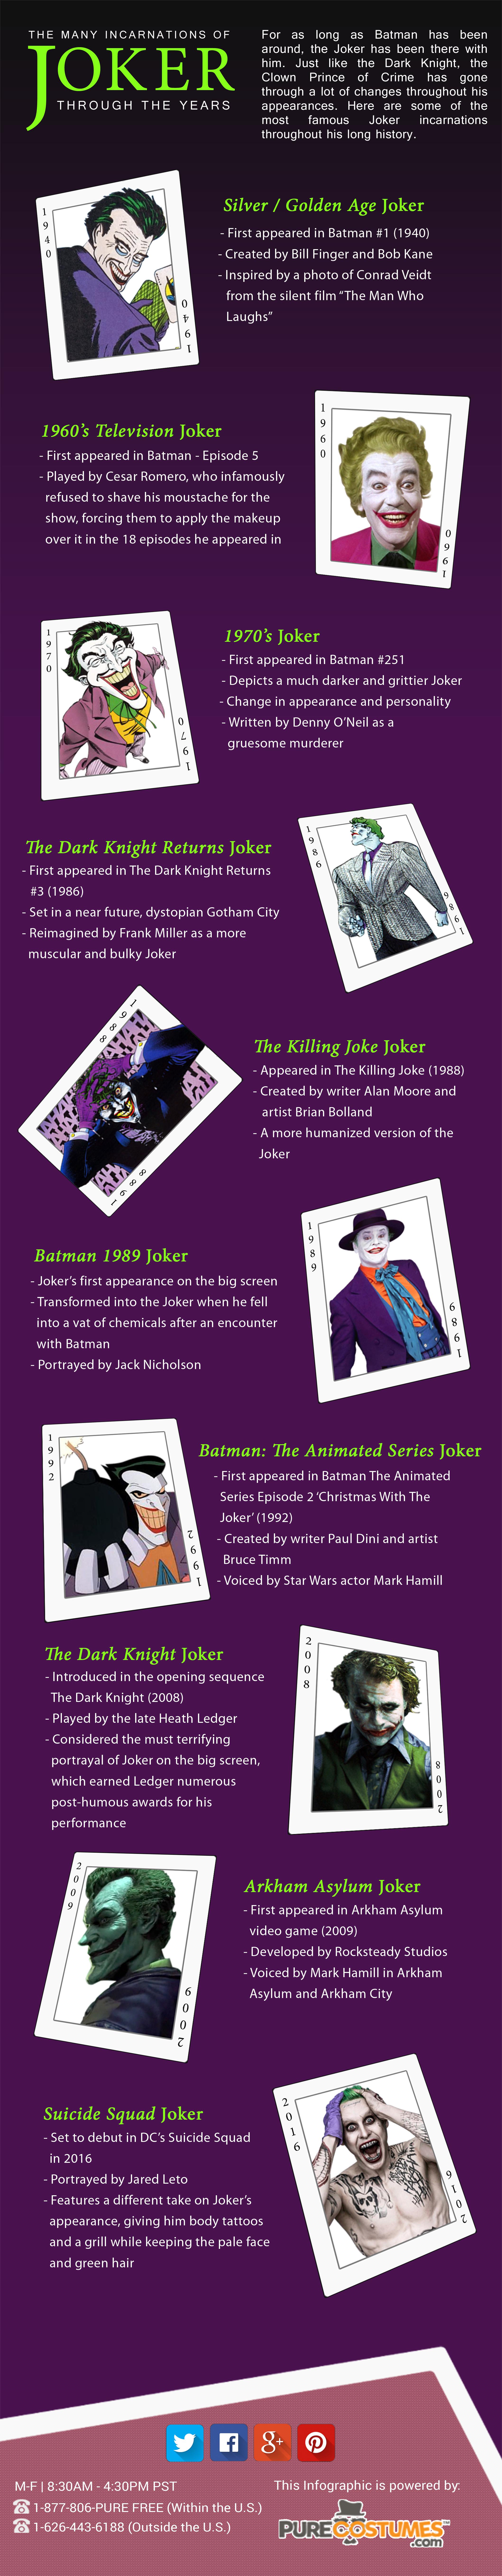 Joker Through The Years Infographic